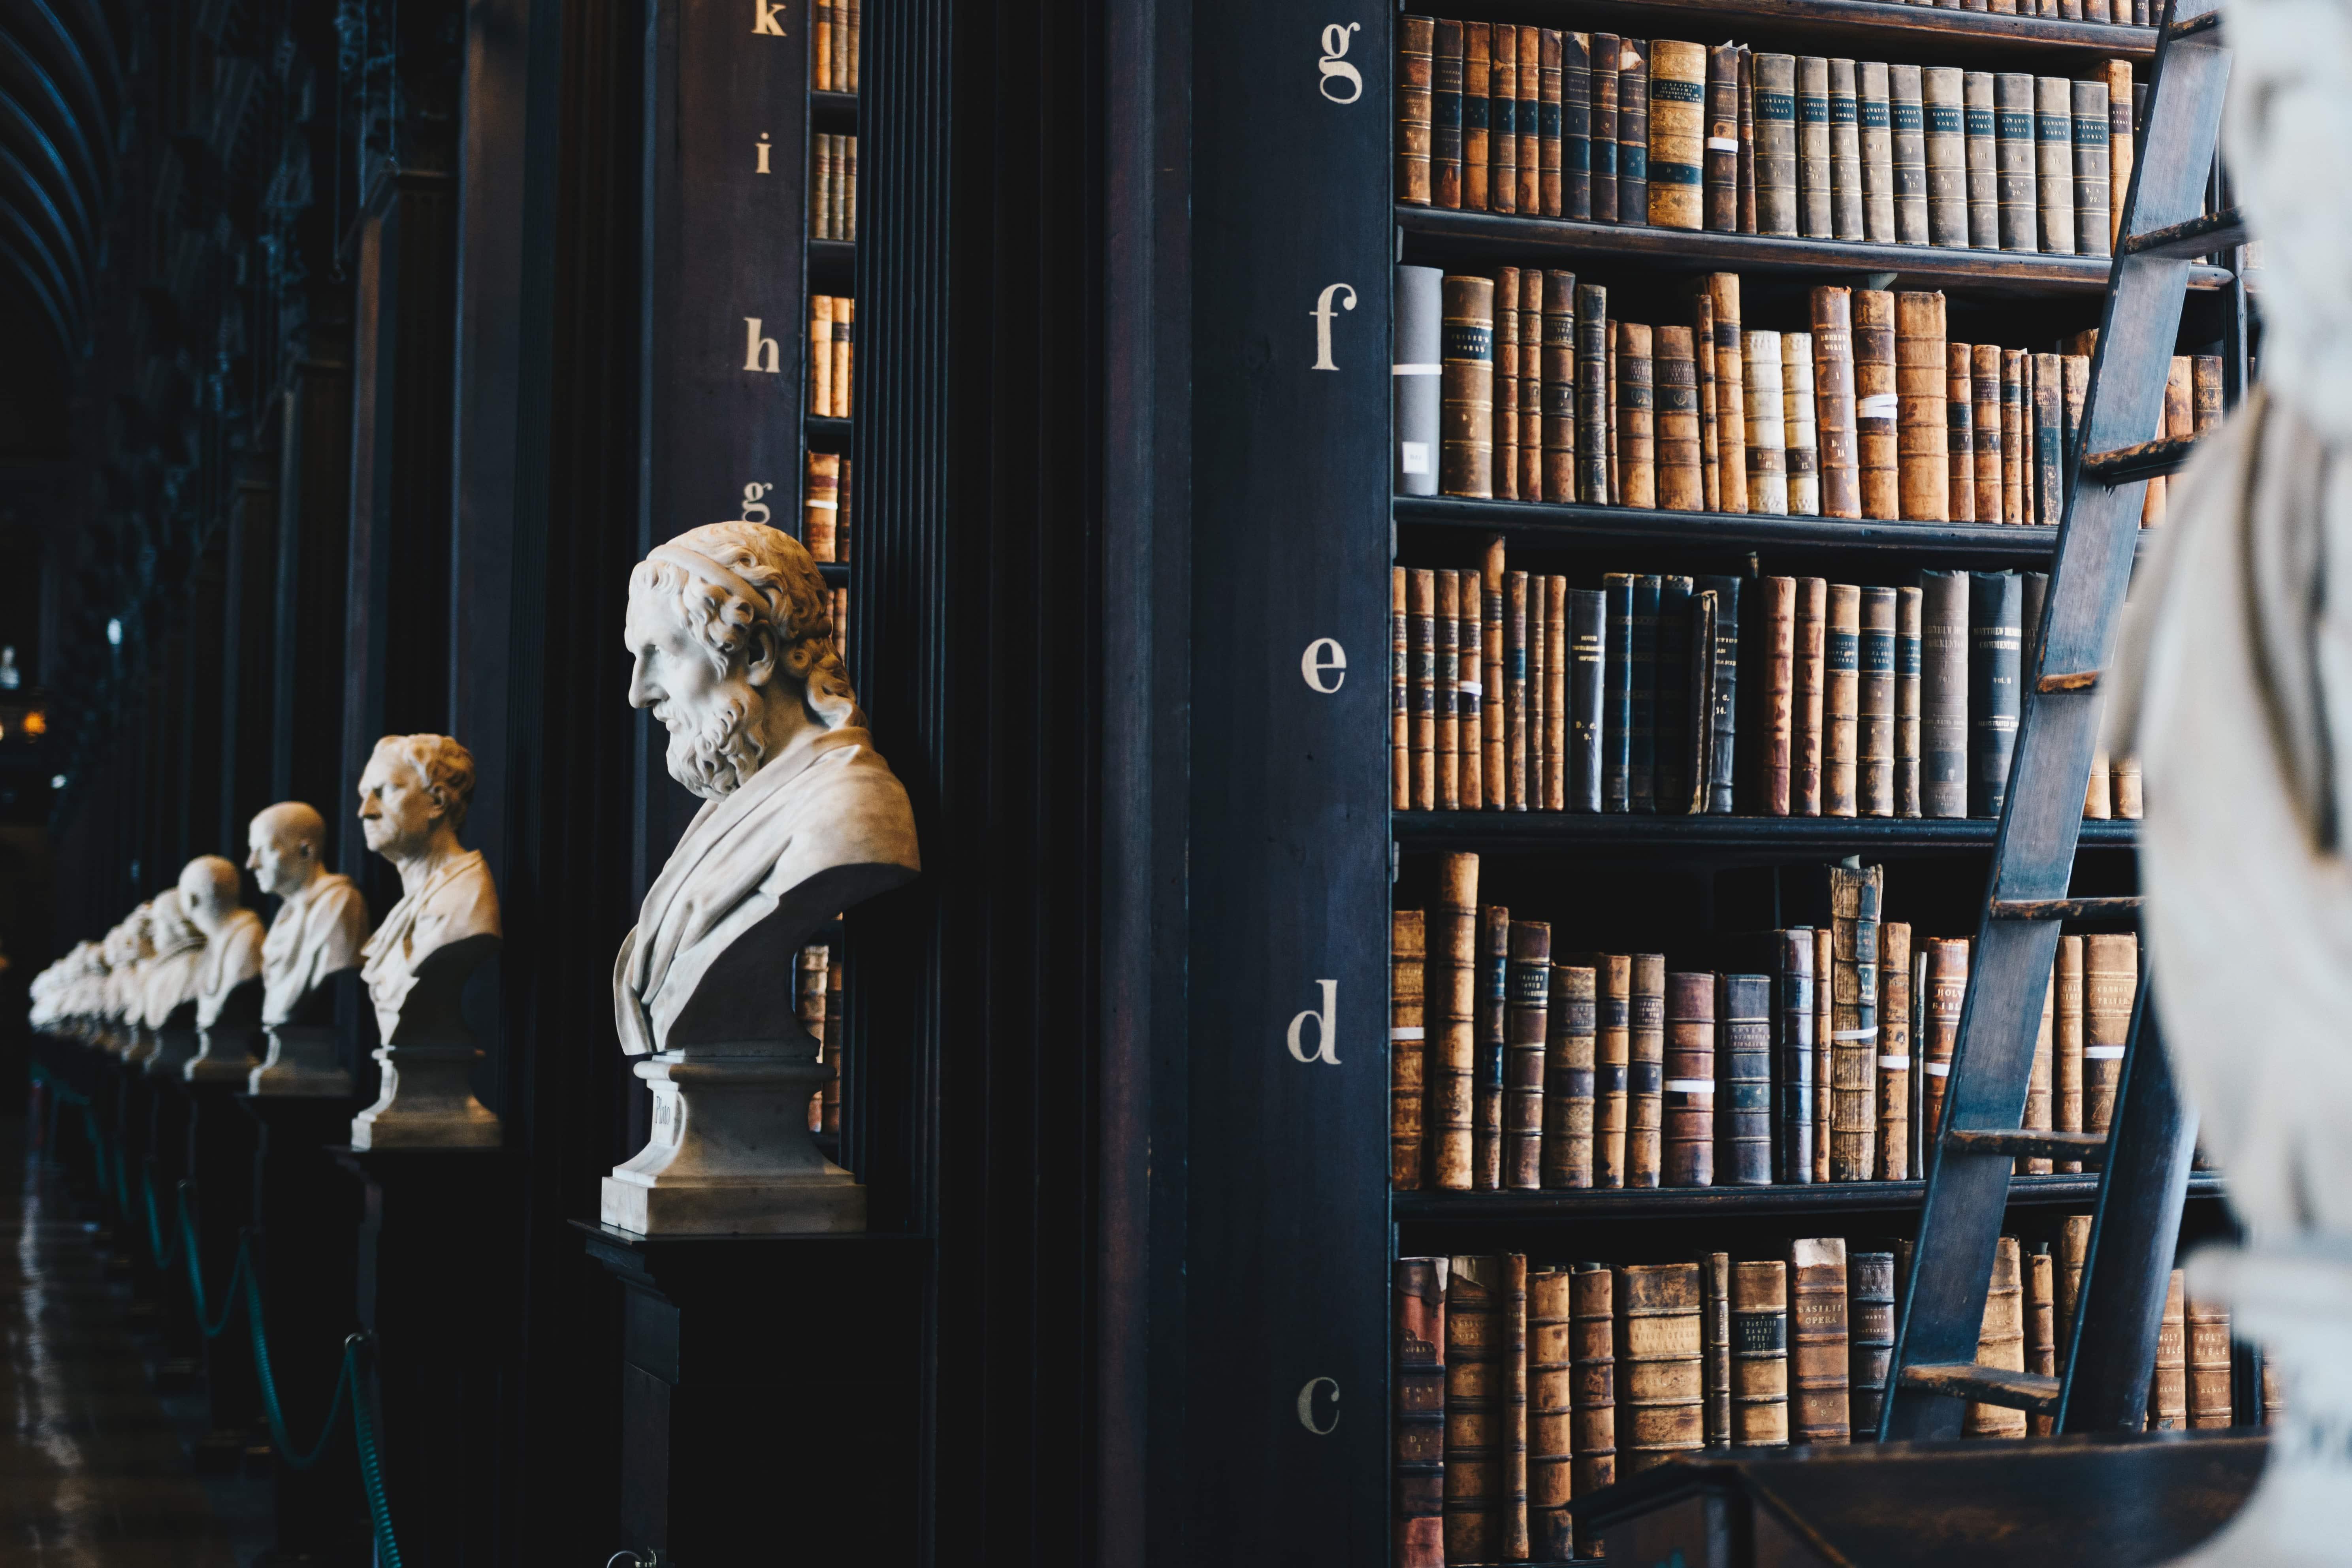 Aide à la création d'entreprise: 5 conseils d'une avocate pour débuter en toute sécurité et sérénité